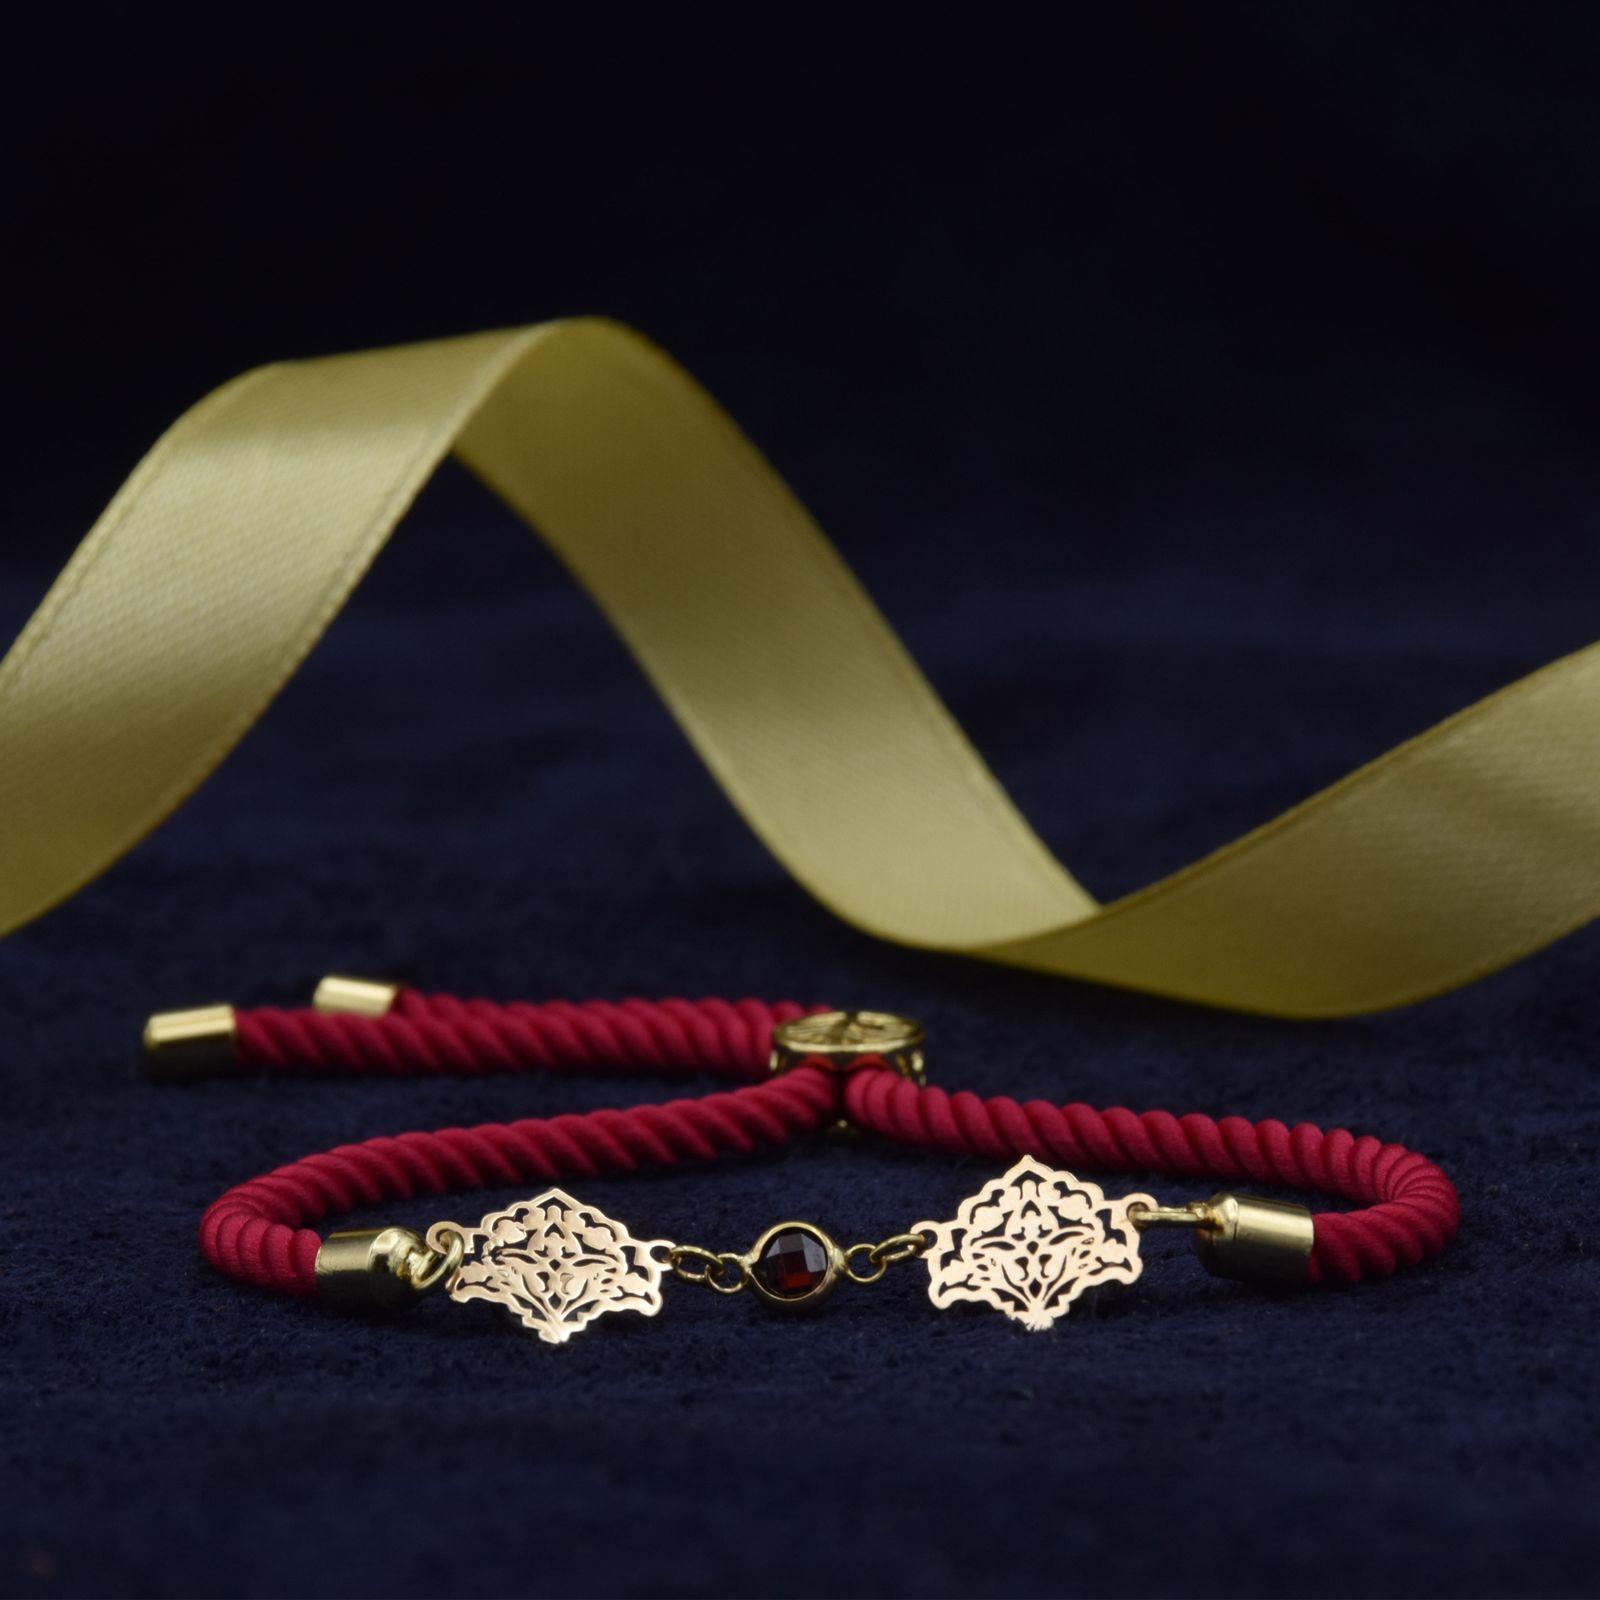 دستبند طلا 18 عیار زنانه آمانژ طرح اسلیمی کد 912D3389 -  - 5